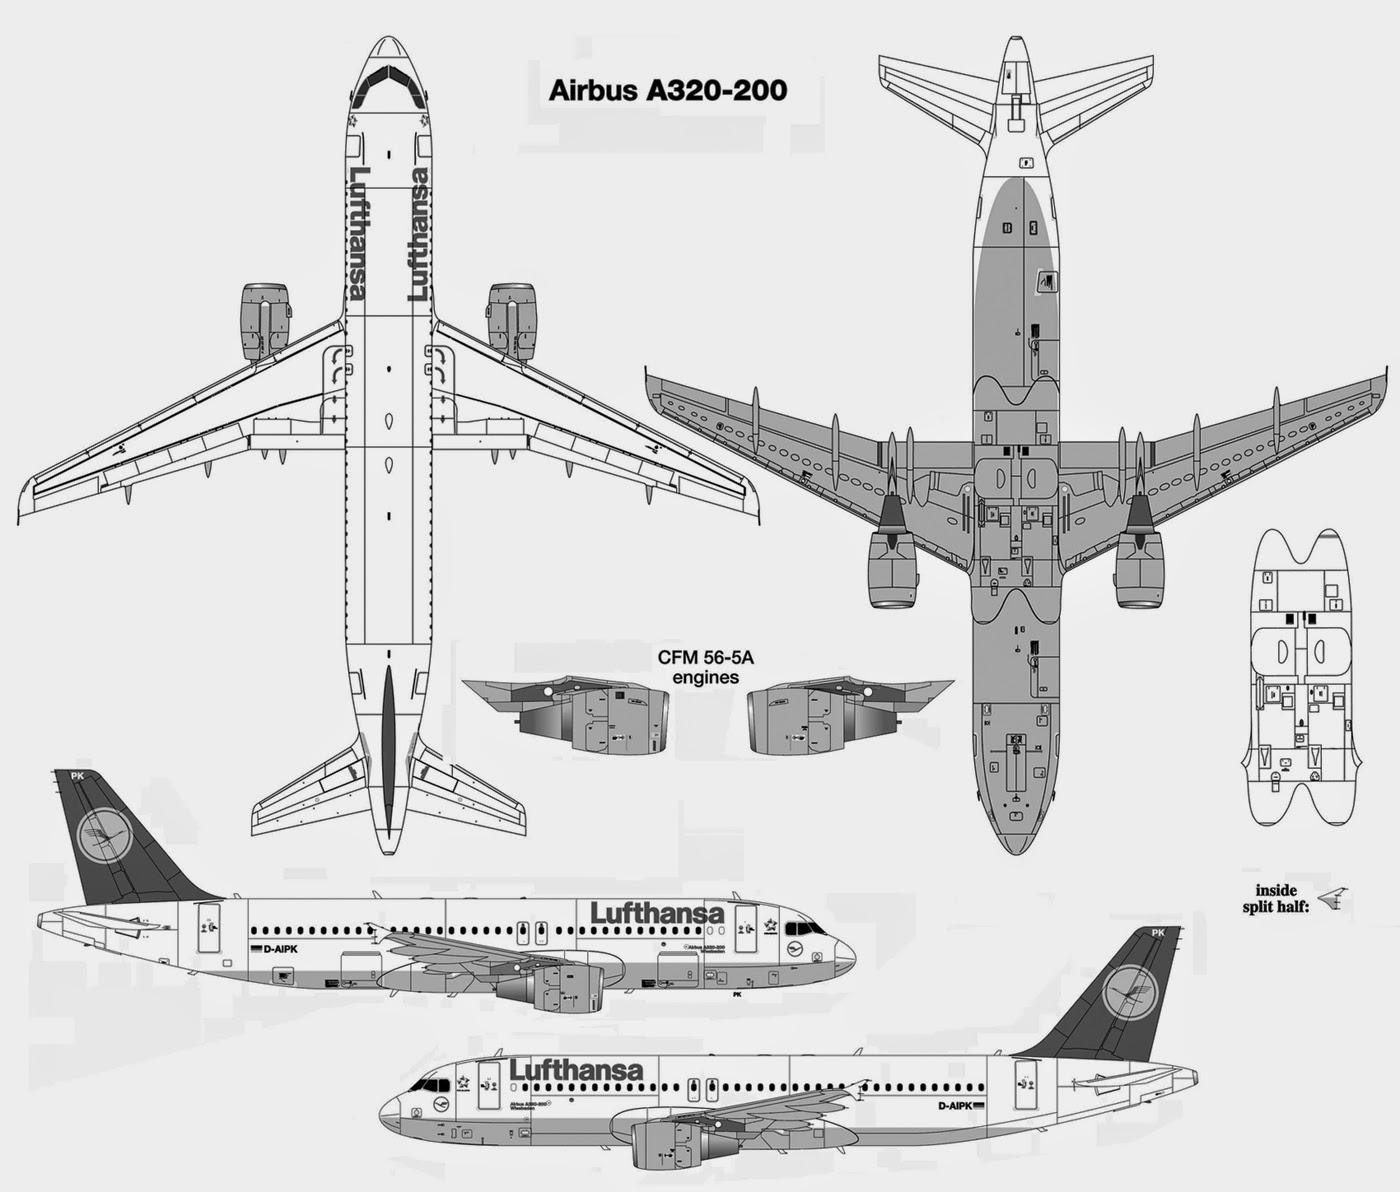 Szextant Blog: 50.) A380 Cockpit (Pilótafülke) and